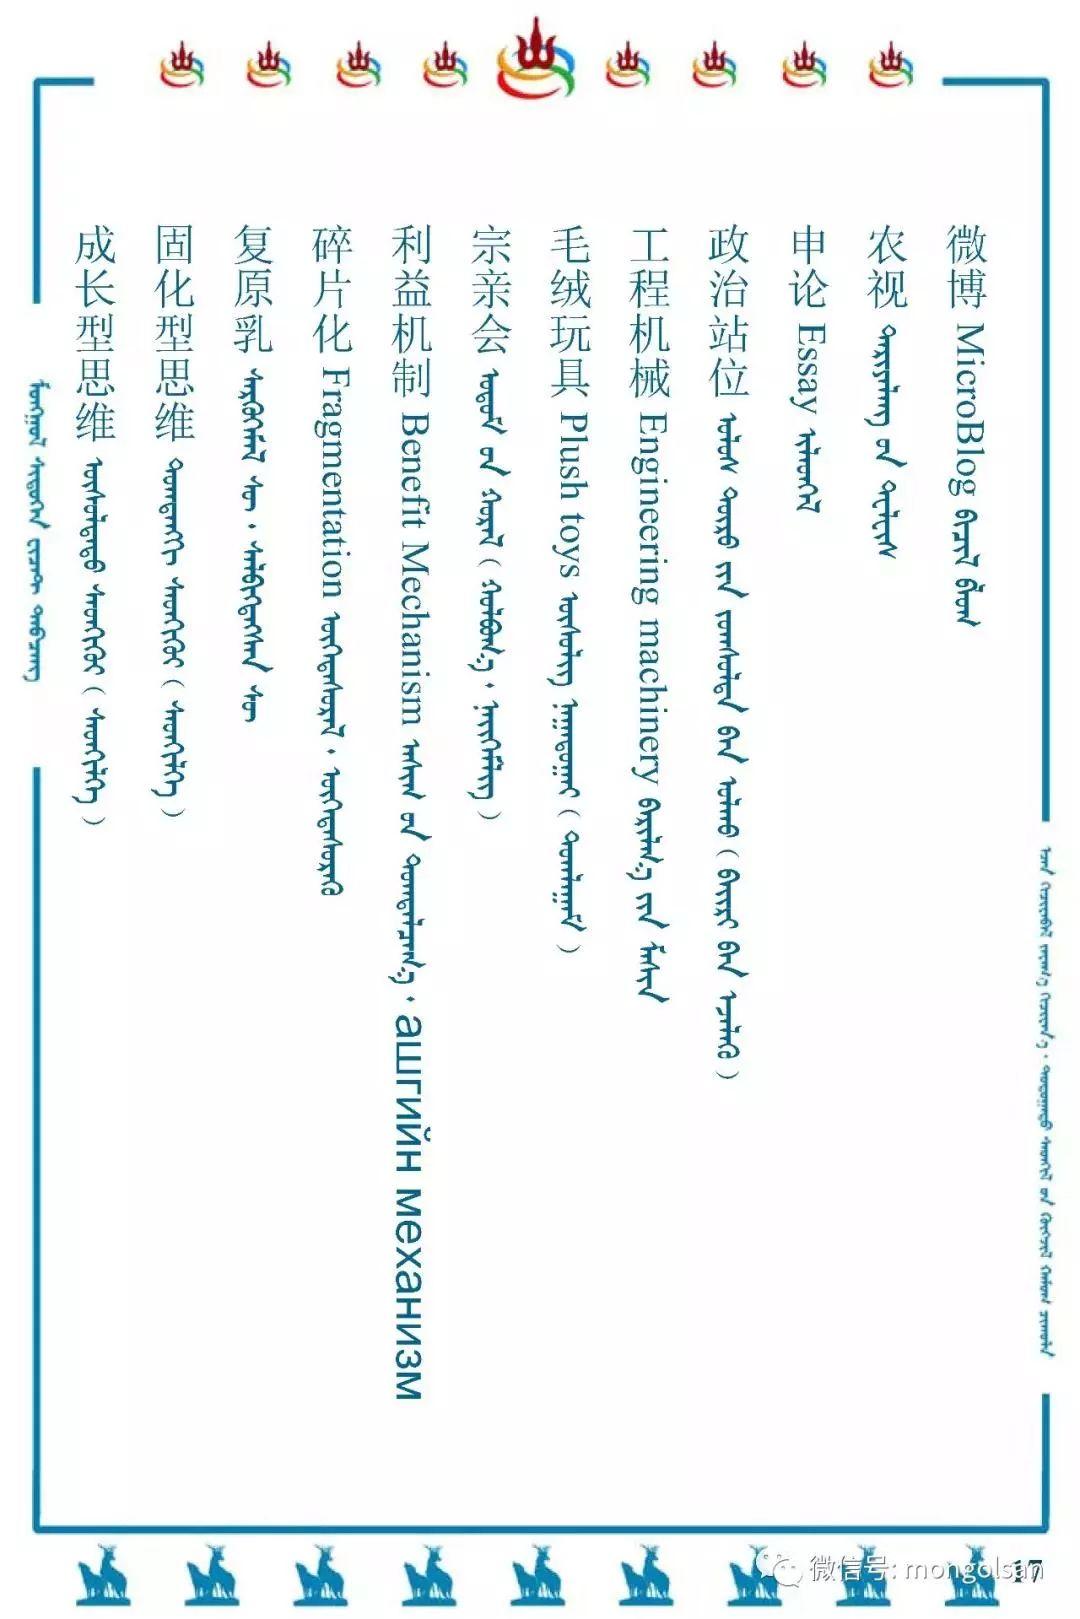 最新名词蒙古语翻译参考 第17张